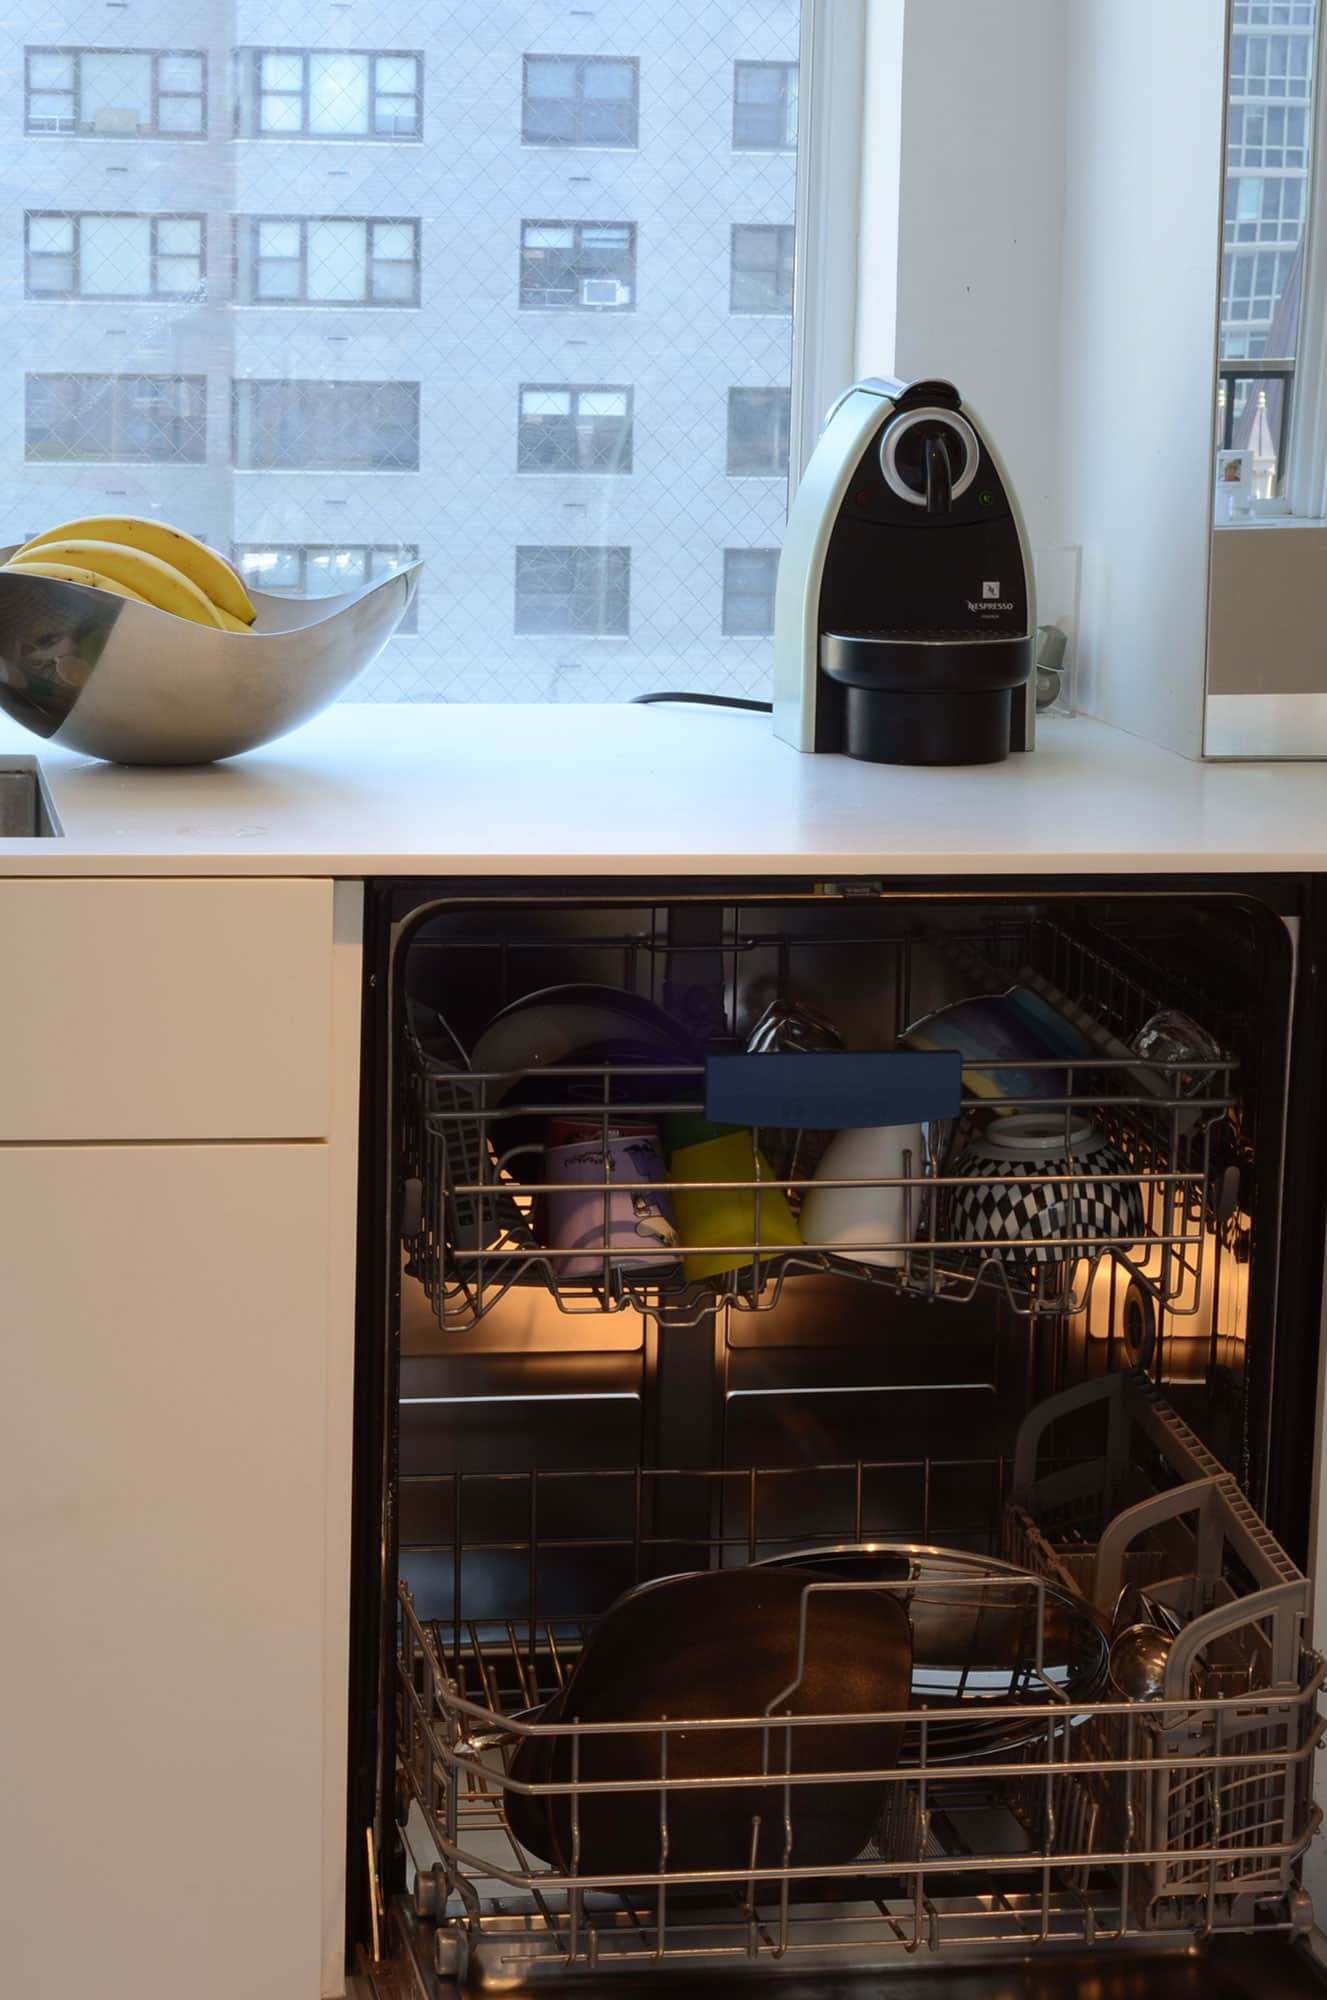 Cecilia's Sleek High-Design Kitchen: gallery image 3